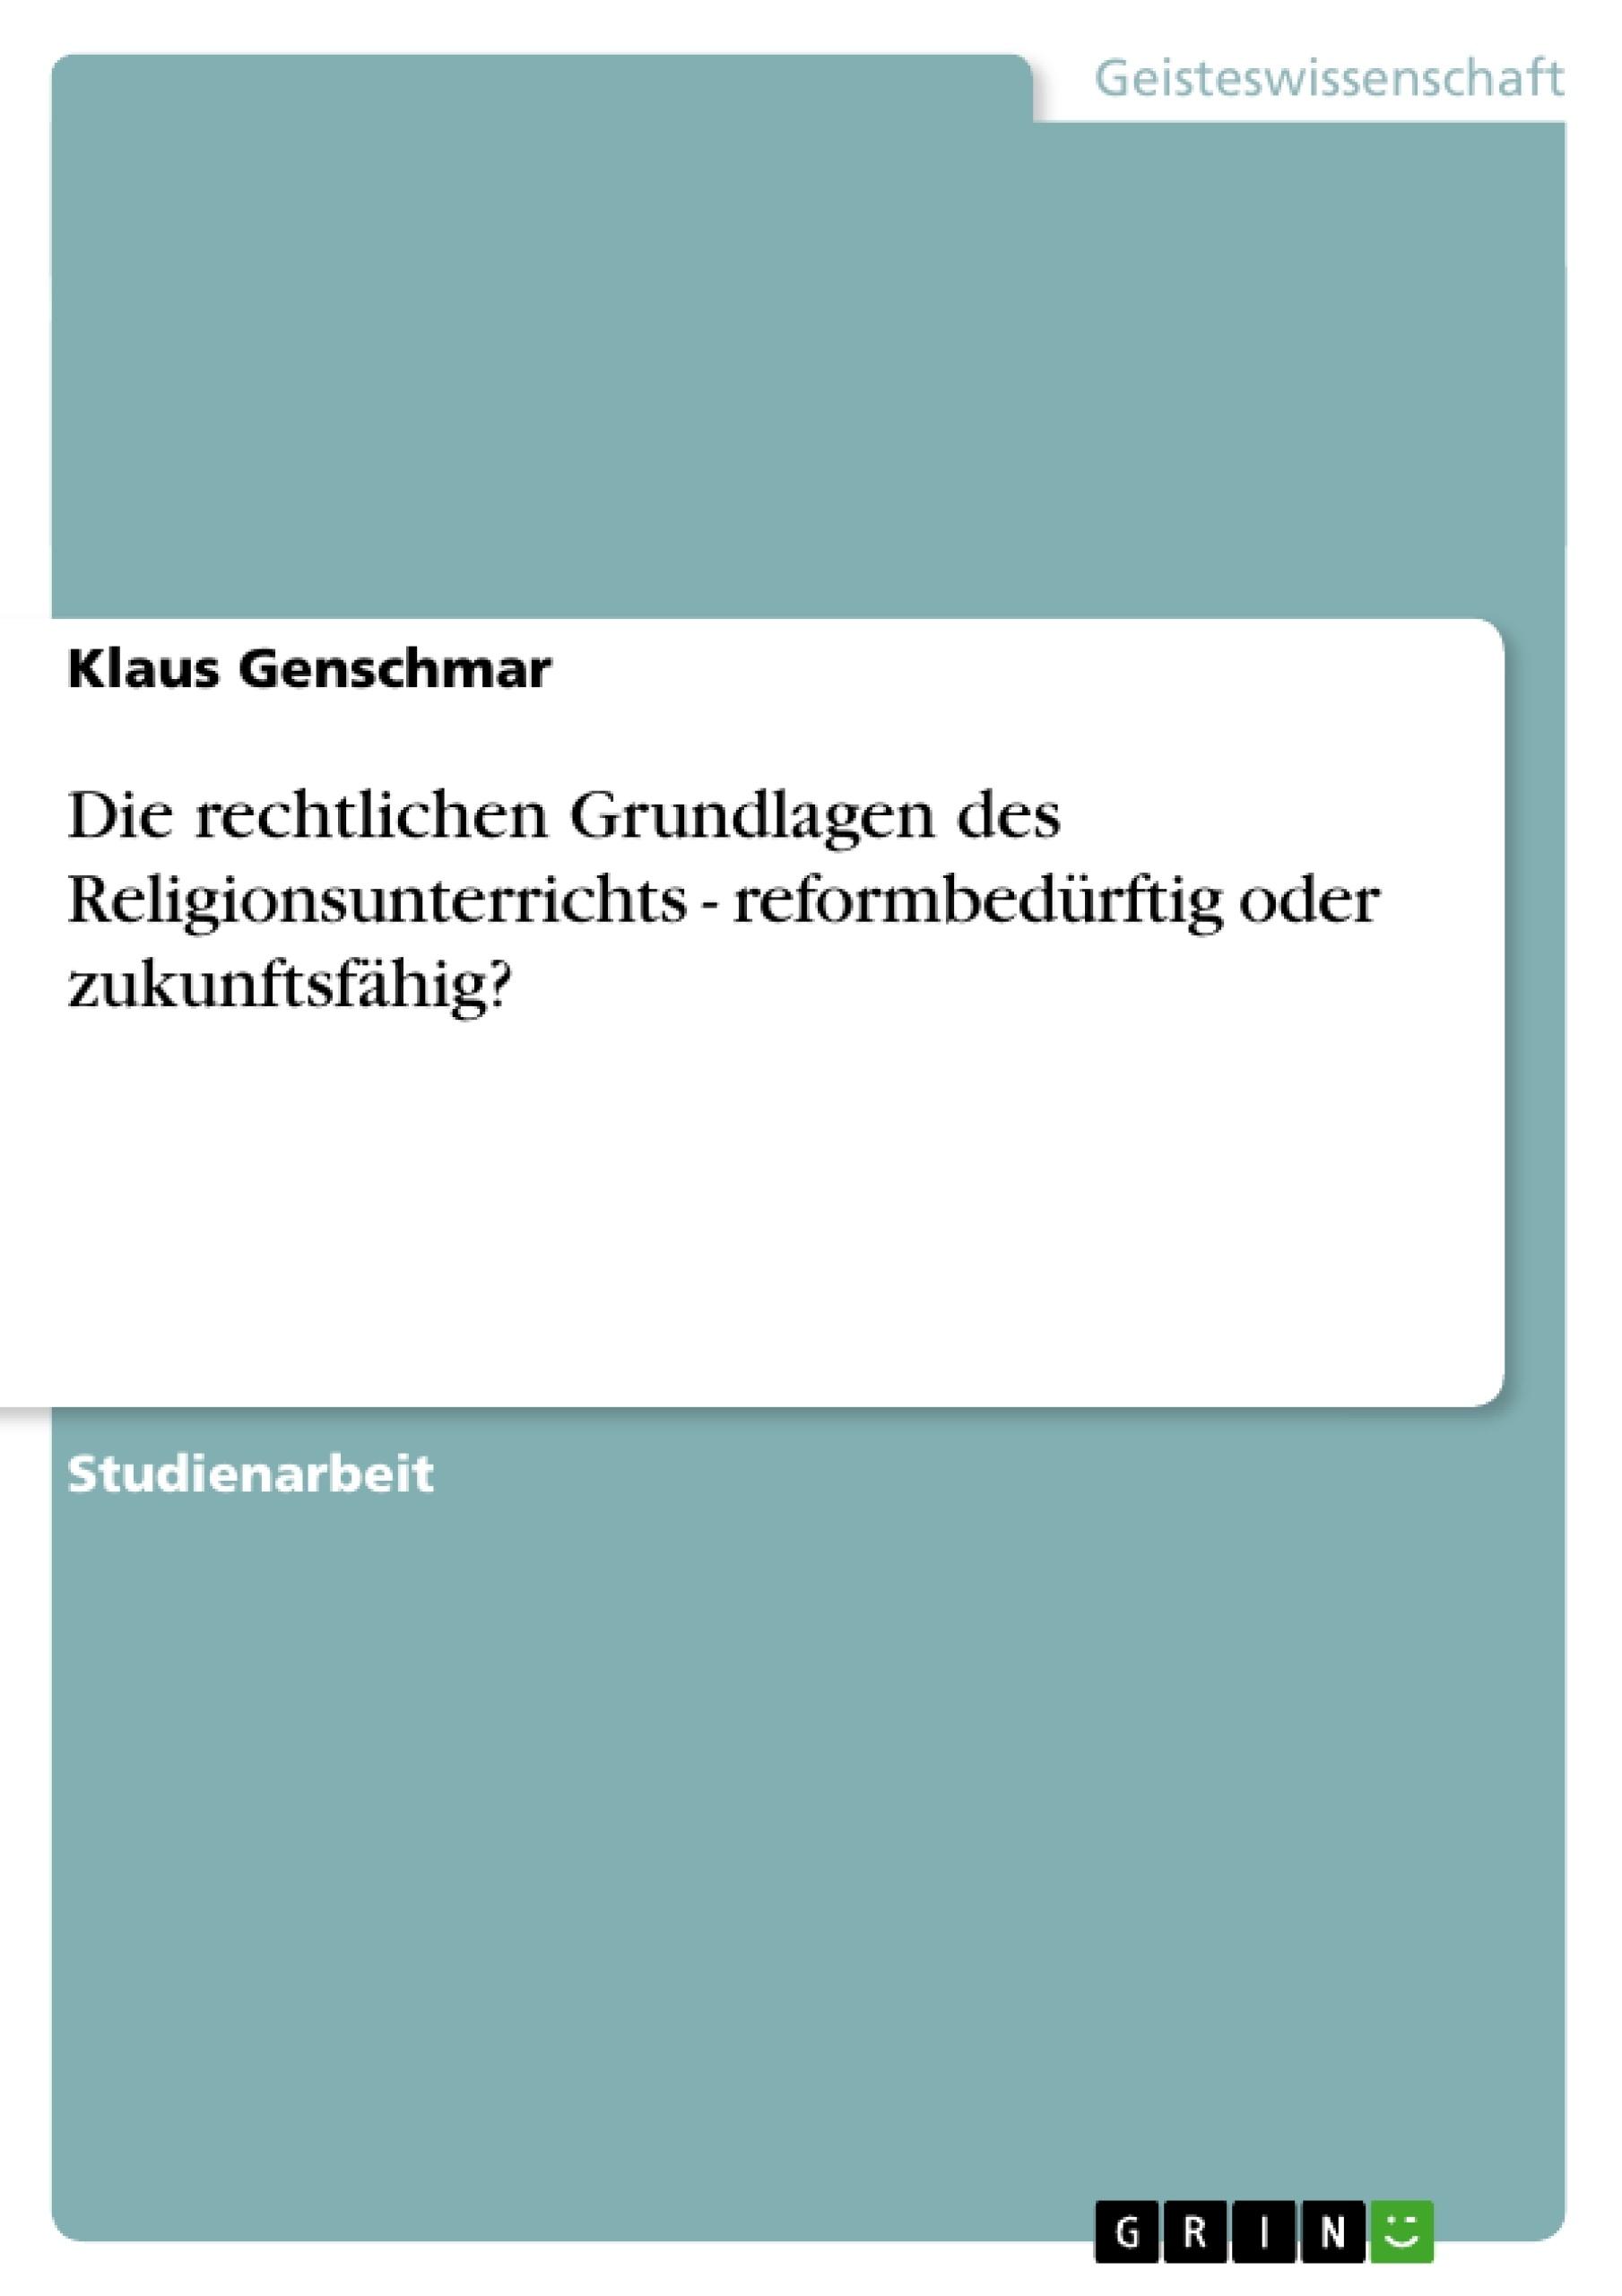 Titel: Die rechtlichen Grundlagen des Religionsunterrichts - reformbedürftig oder zukunftsfähig?